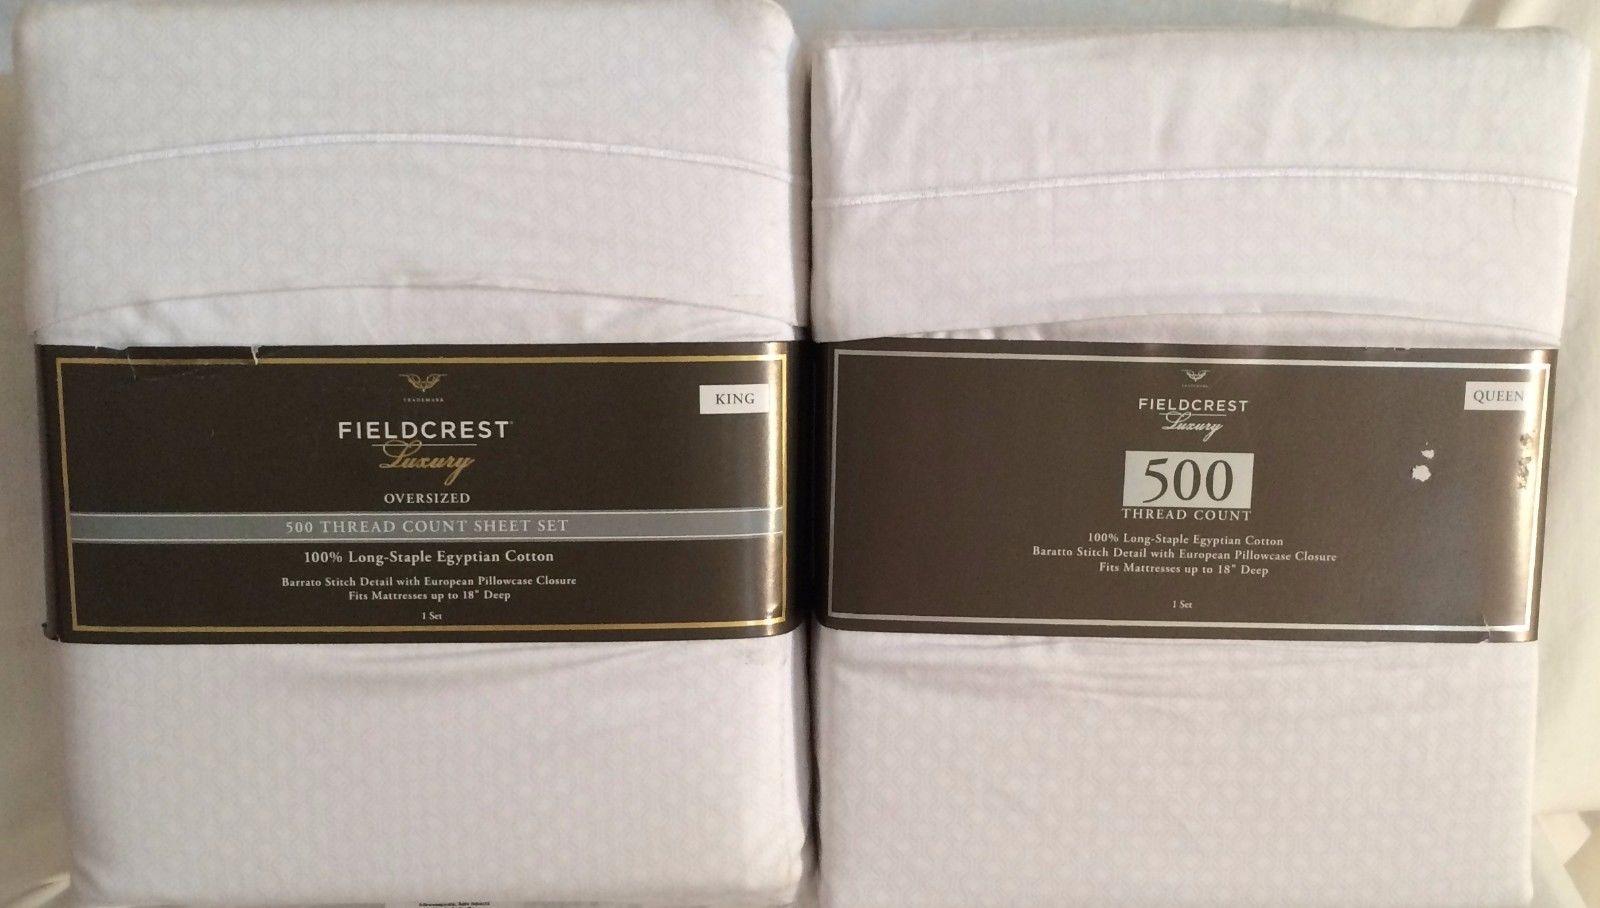 Fieldcrest Rn17730 | Fieldcrest Luxury Sheets | Fieldcrest Luxury Matelasse Blanket